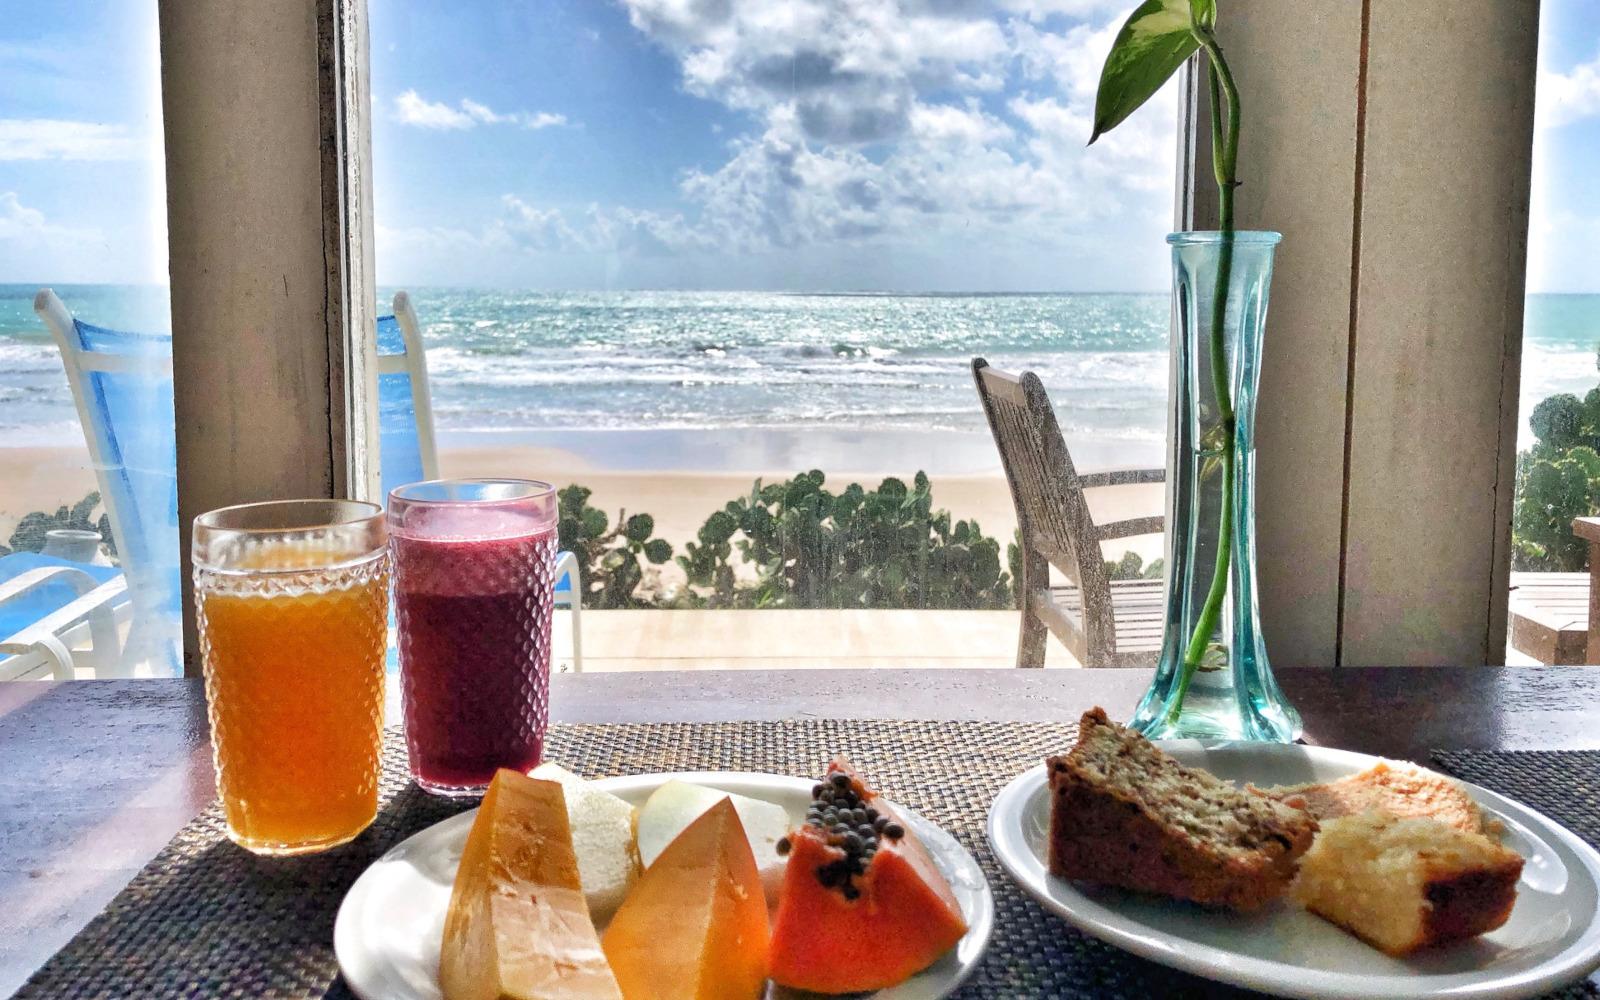 La colazione vista Oceano alla pousada Tabajuba. © oltreilbalcone